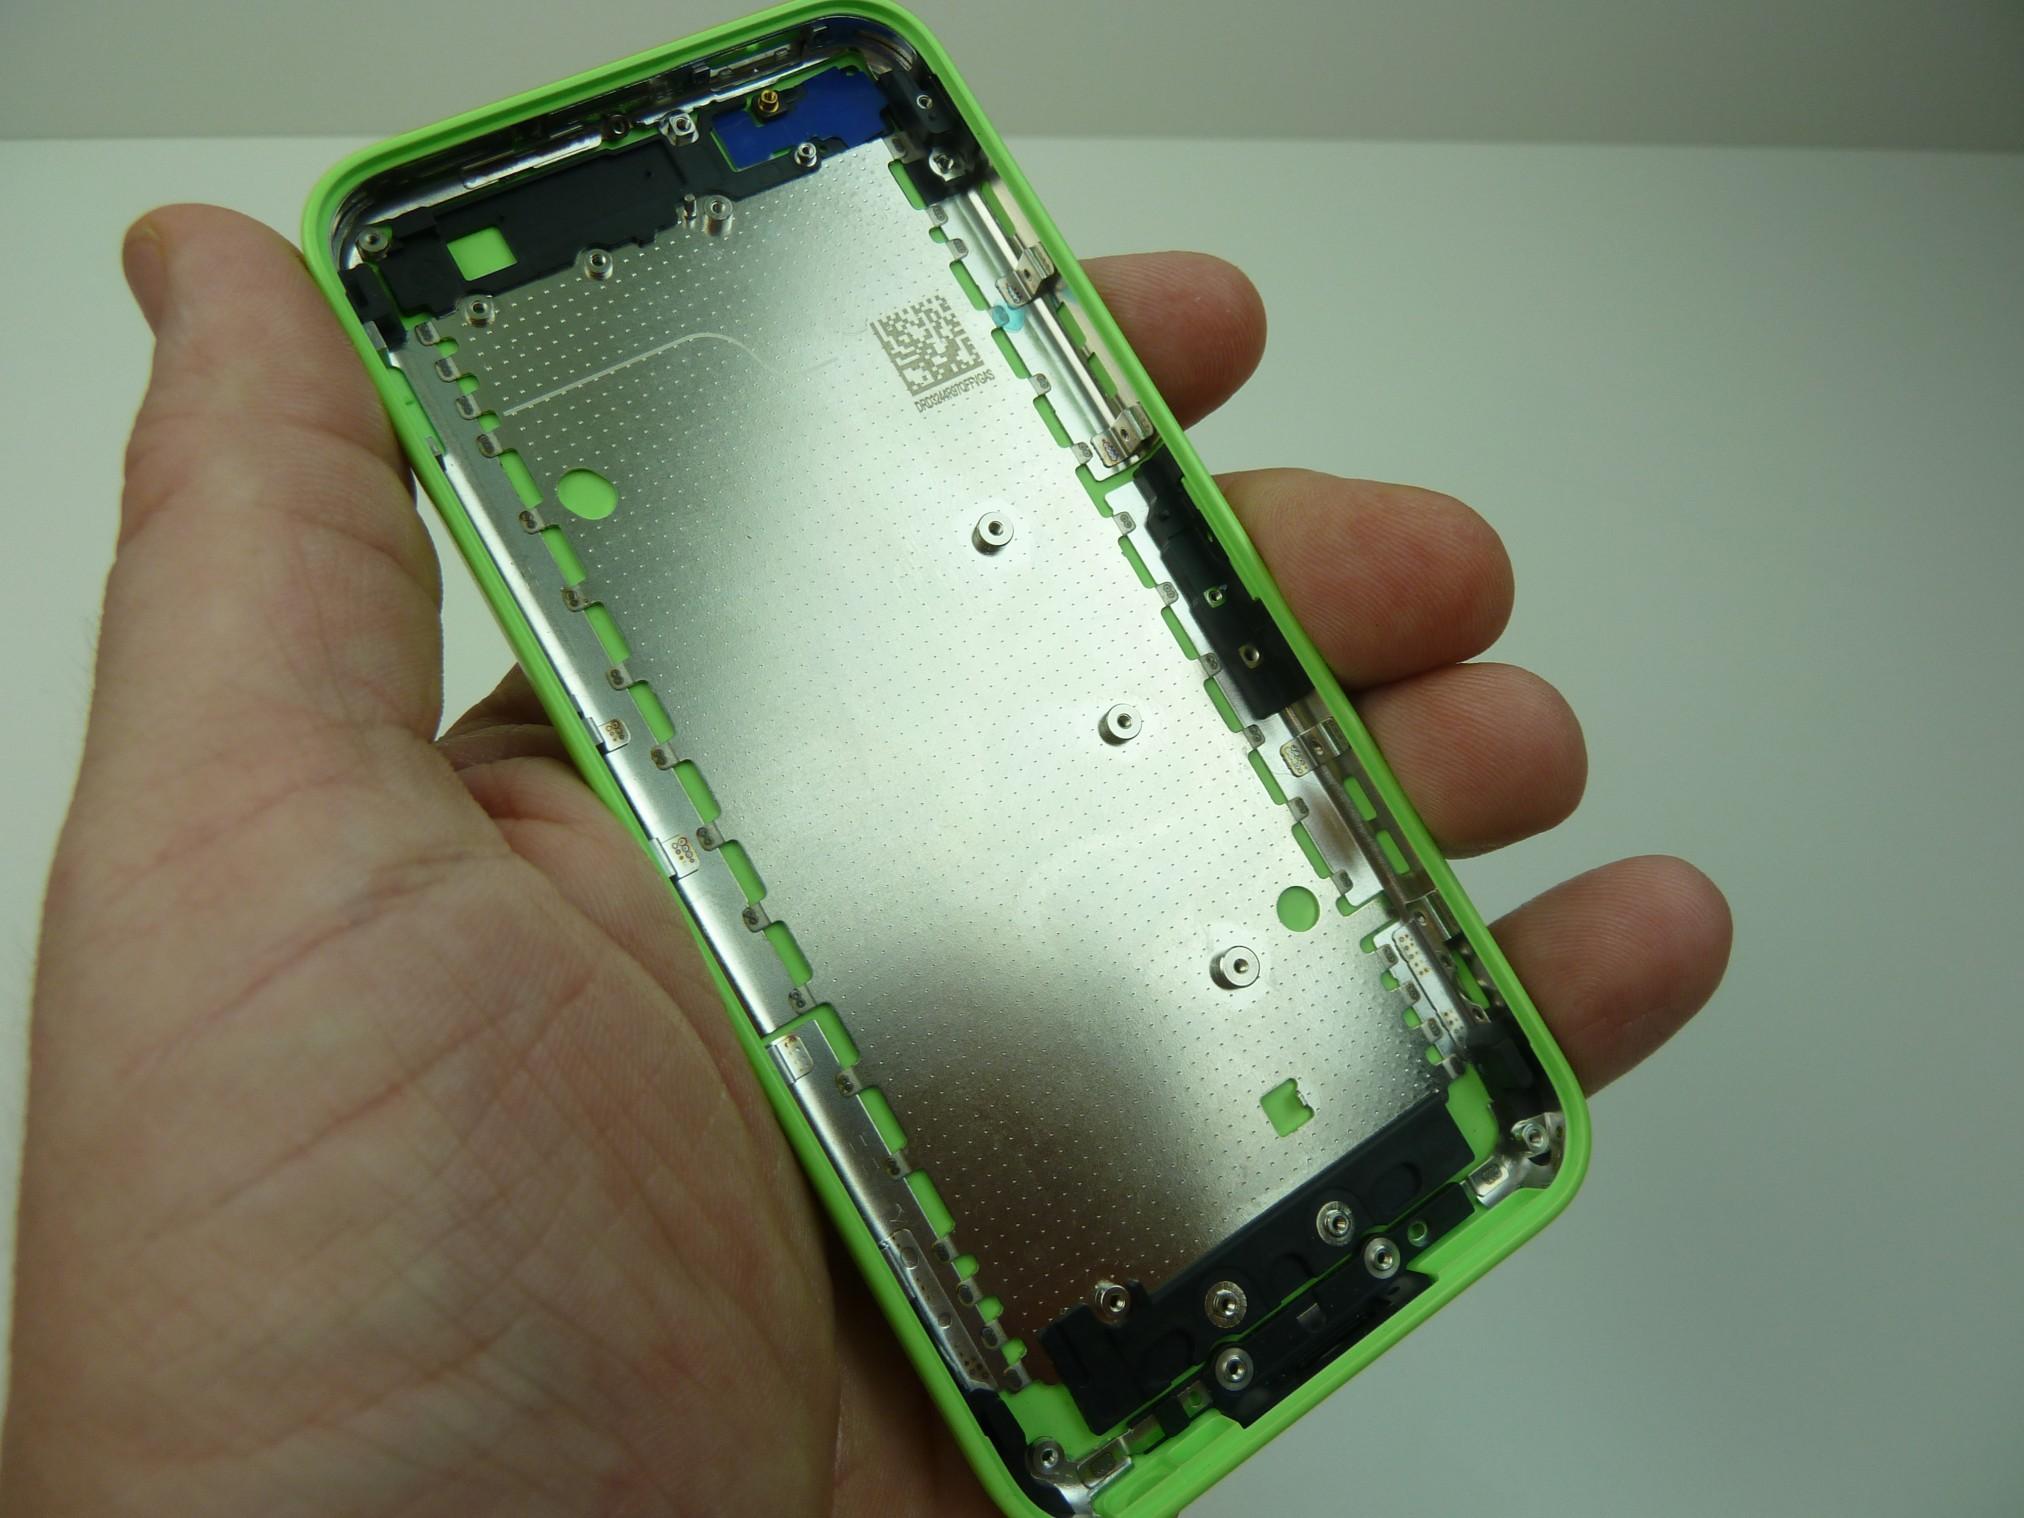 iphone-5c-internal